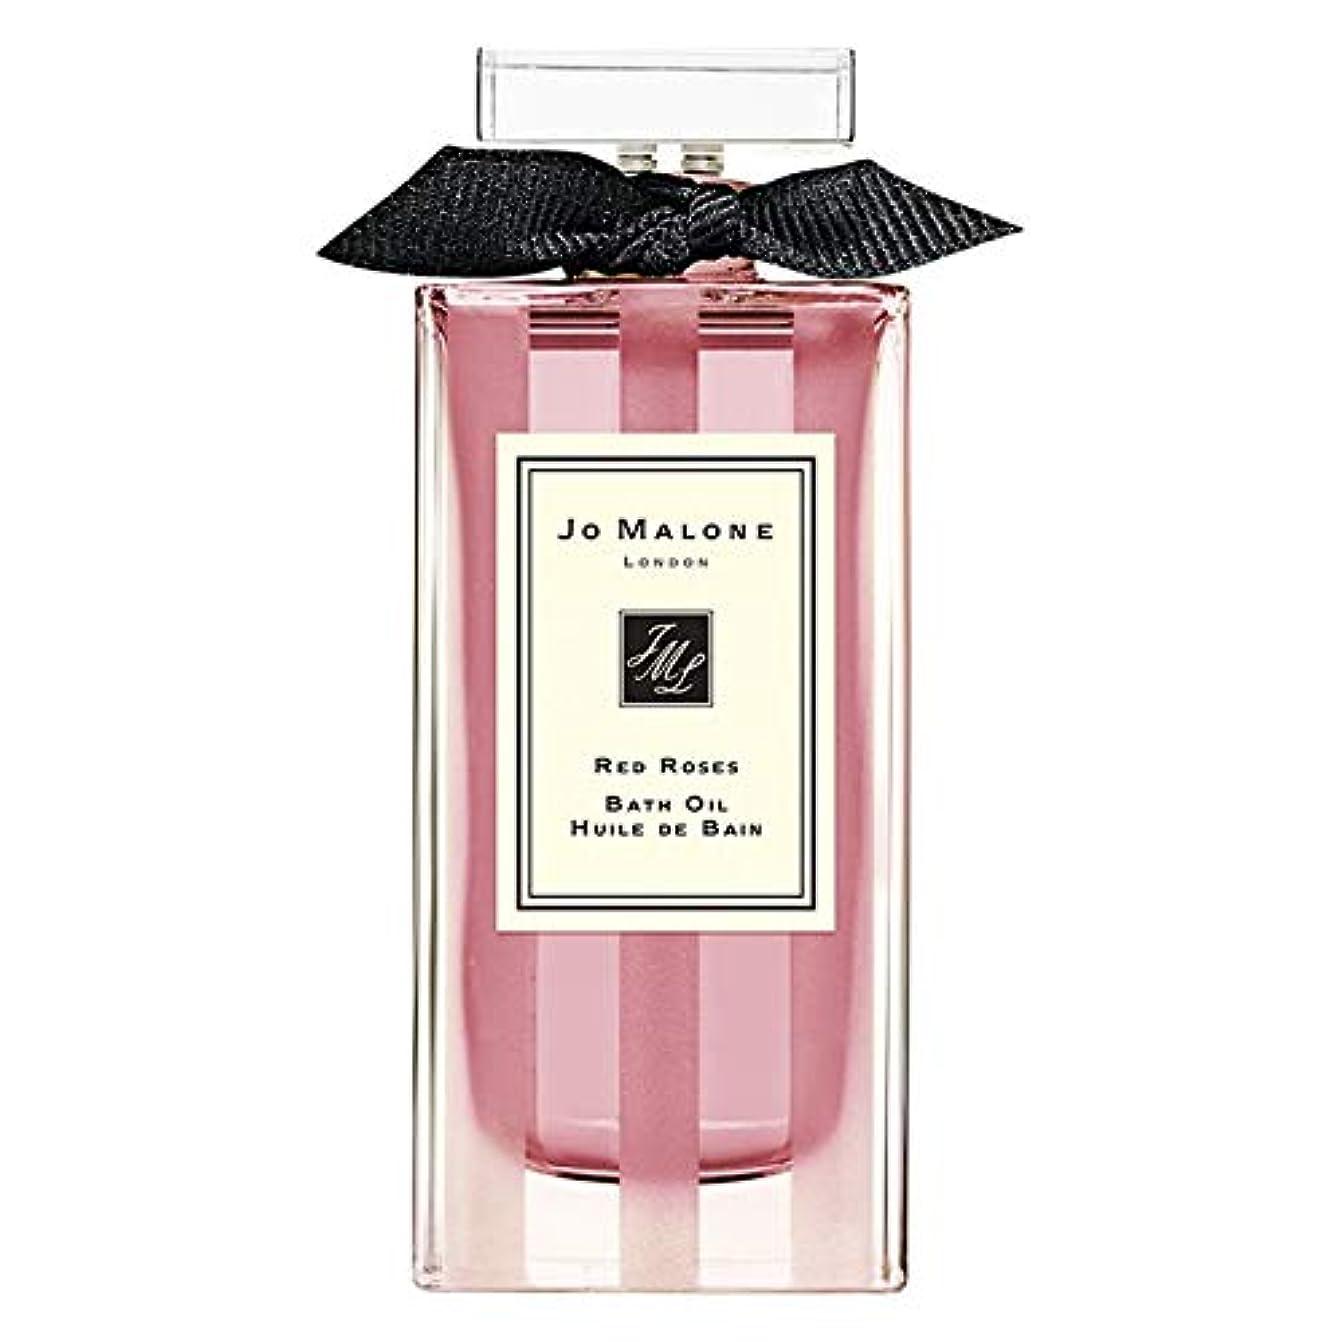 ハリウッドフェミニン測定可能[Jo Malone] ジョーマローンロンドンの赤いバラバスオイル30ミリリットル - Jo Malone London Red Roses Bath Oil 30ml [並行輸入品]